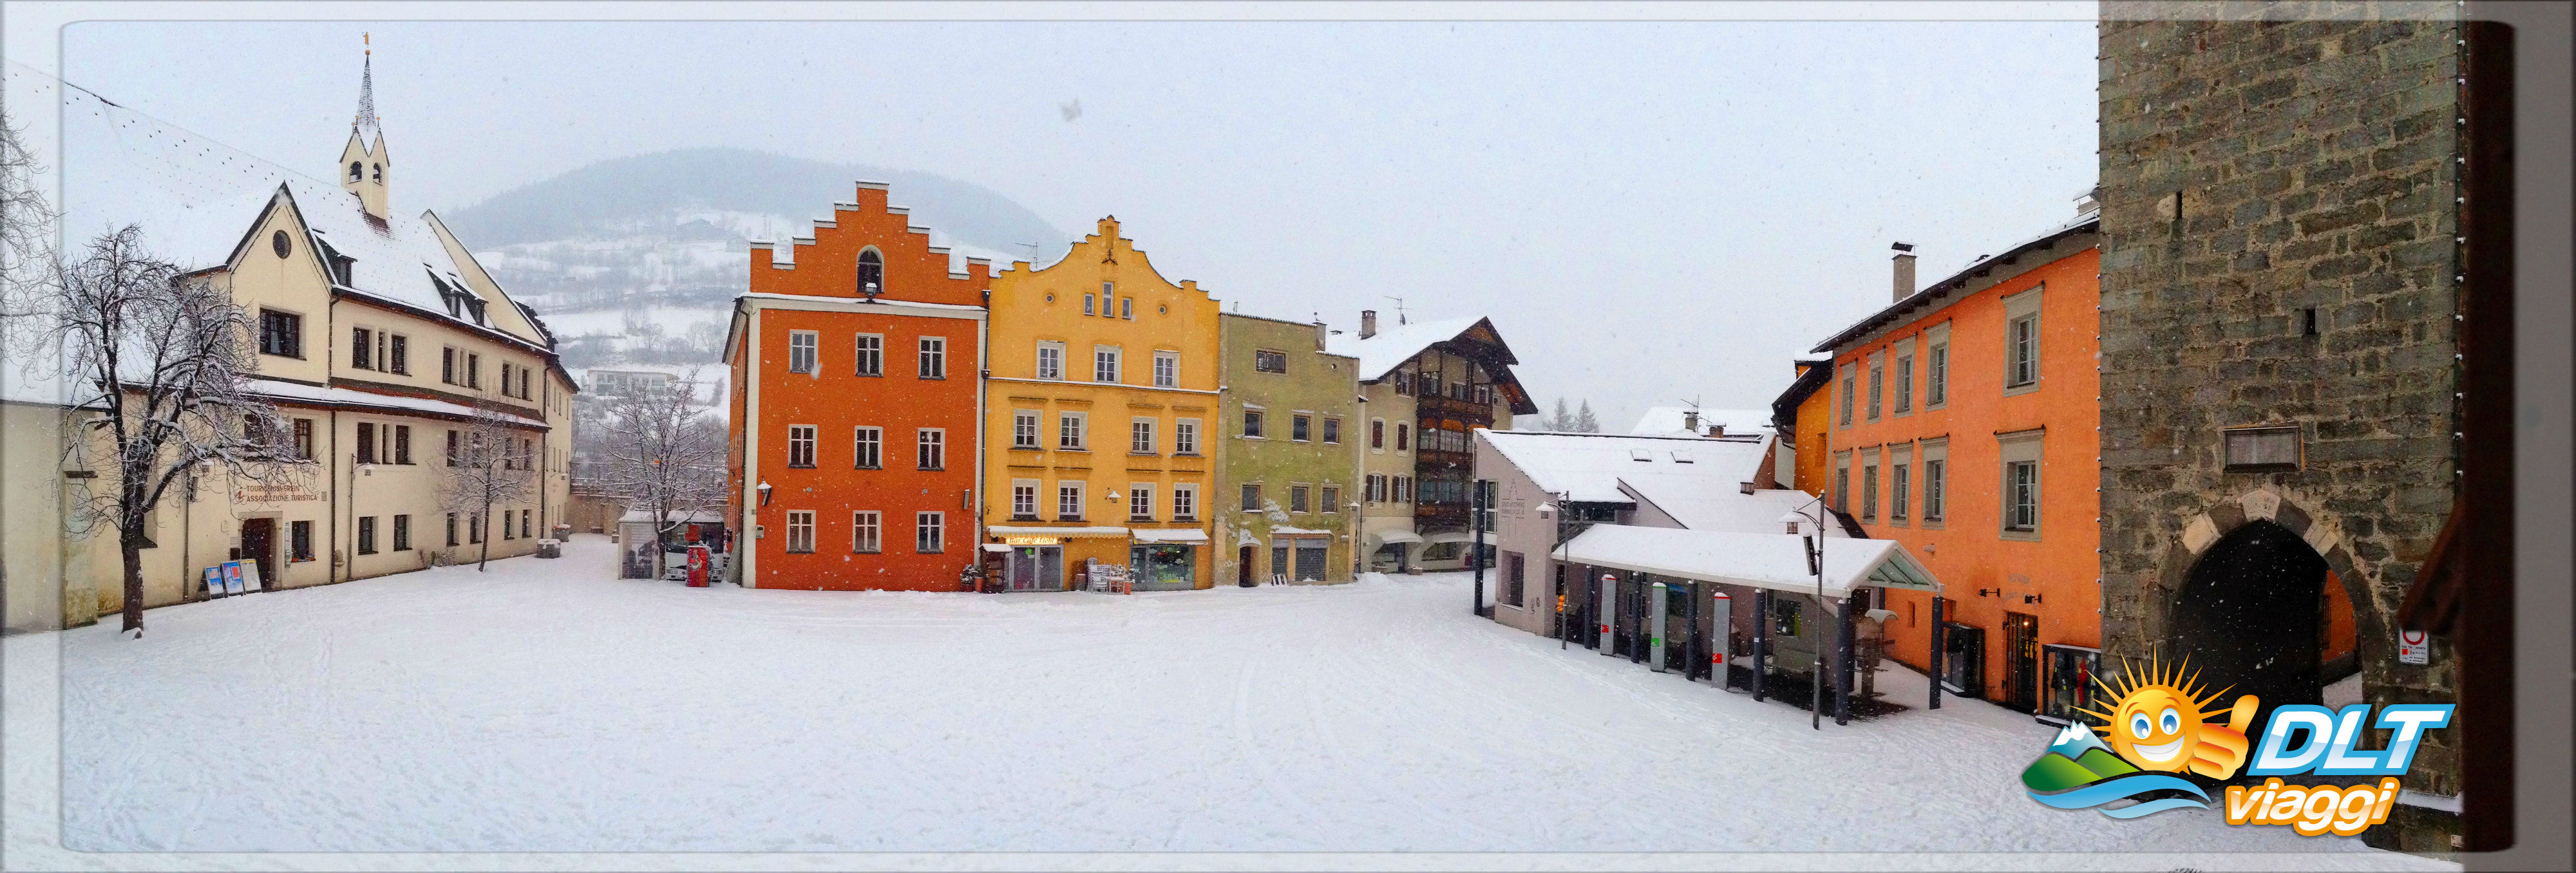 HOTEL AQUILA NERA - SCHWAZER ADLER | Vipiteno, Trentino Alto ...